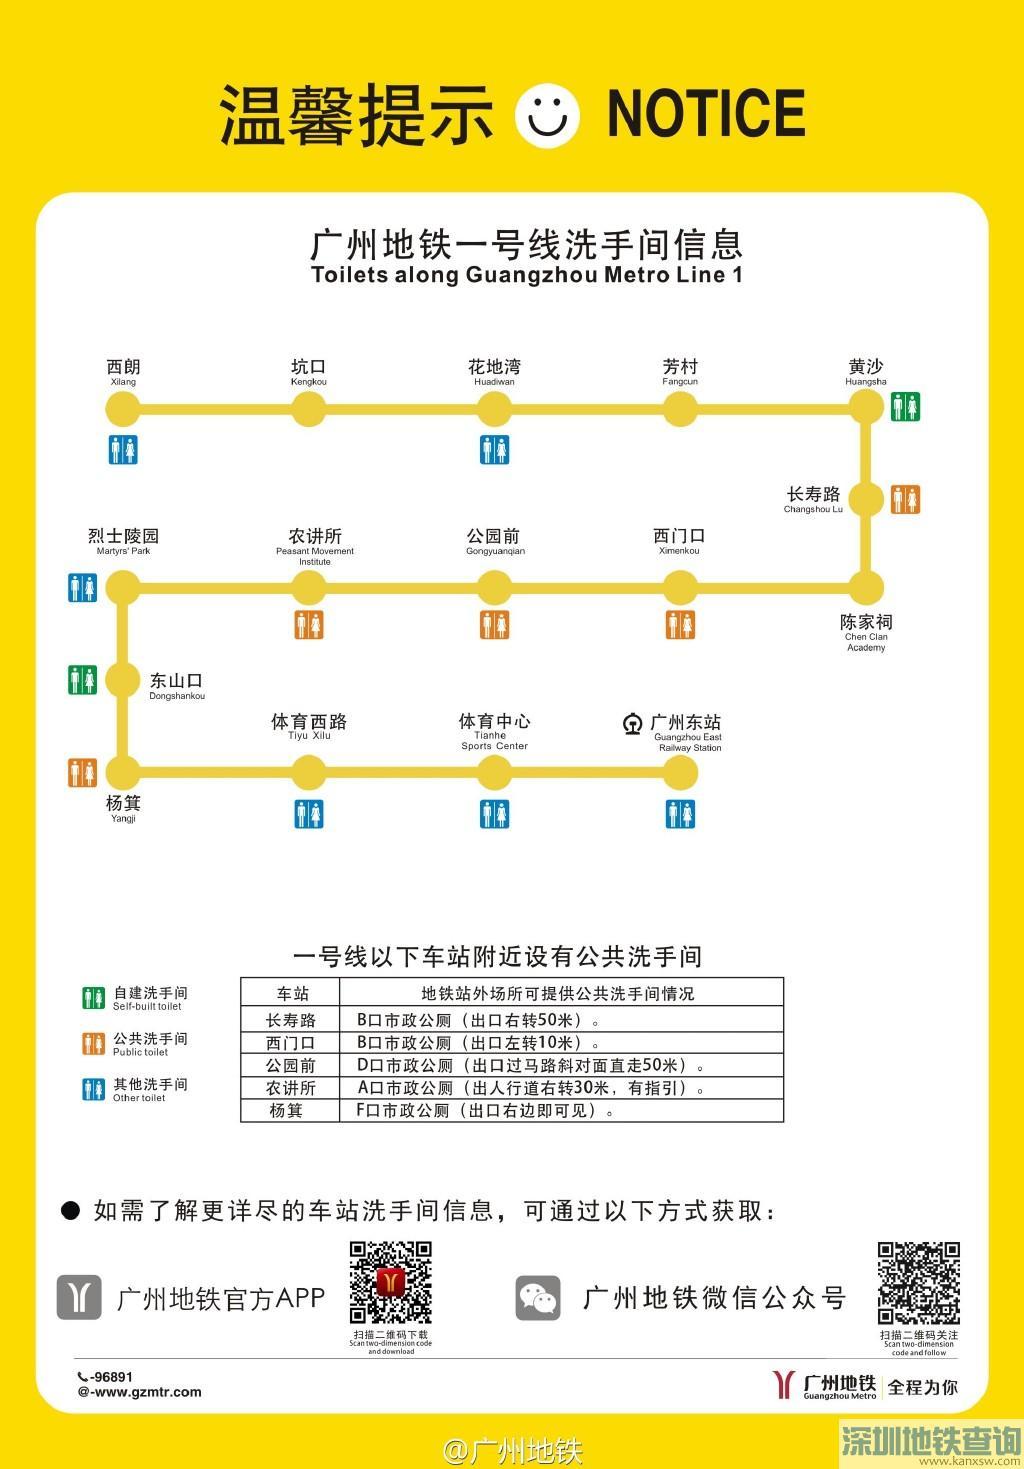 2015新广州地铁如厕指南 各线路各站点厕所情况